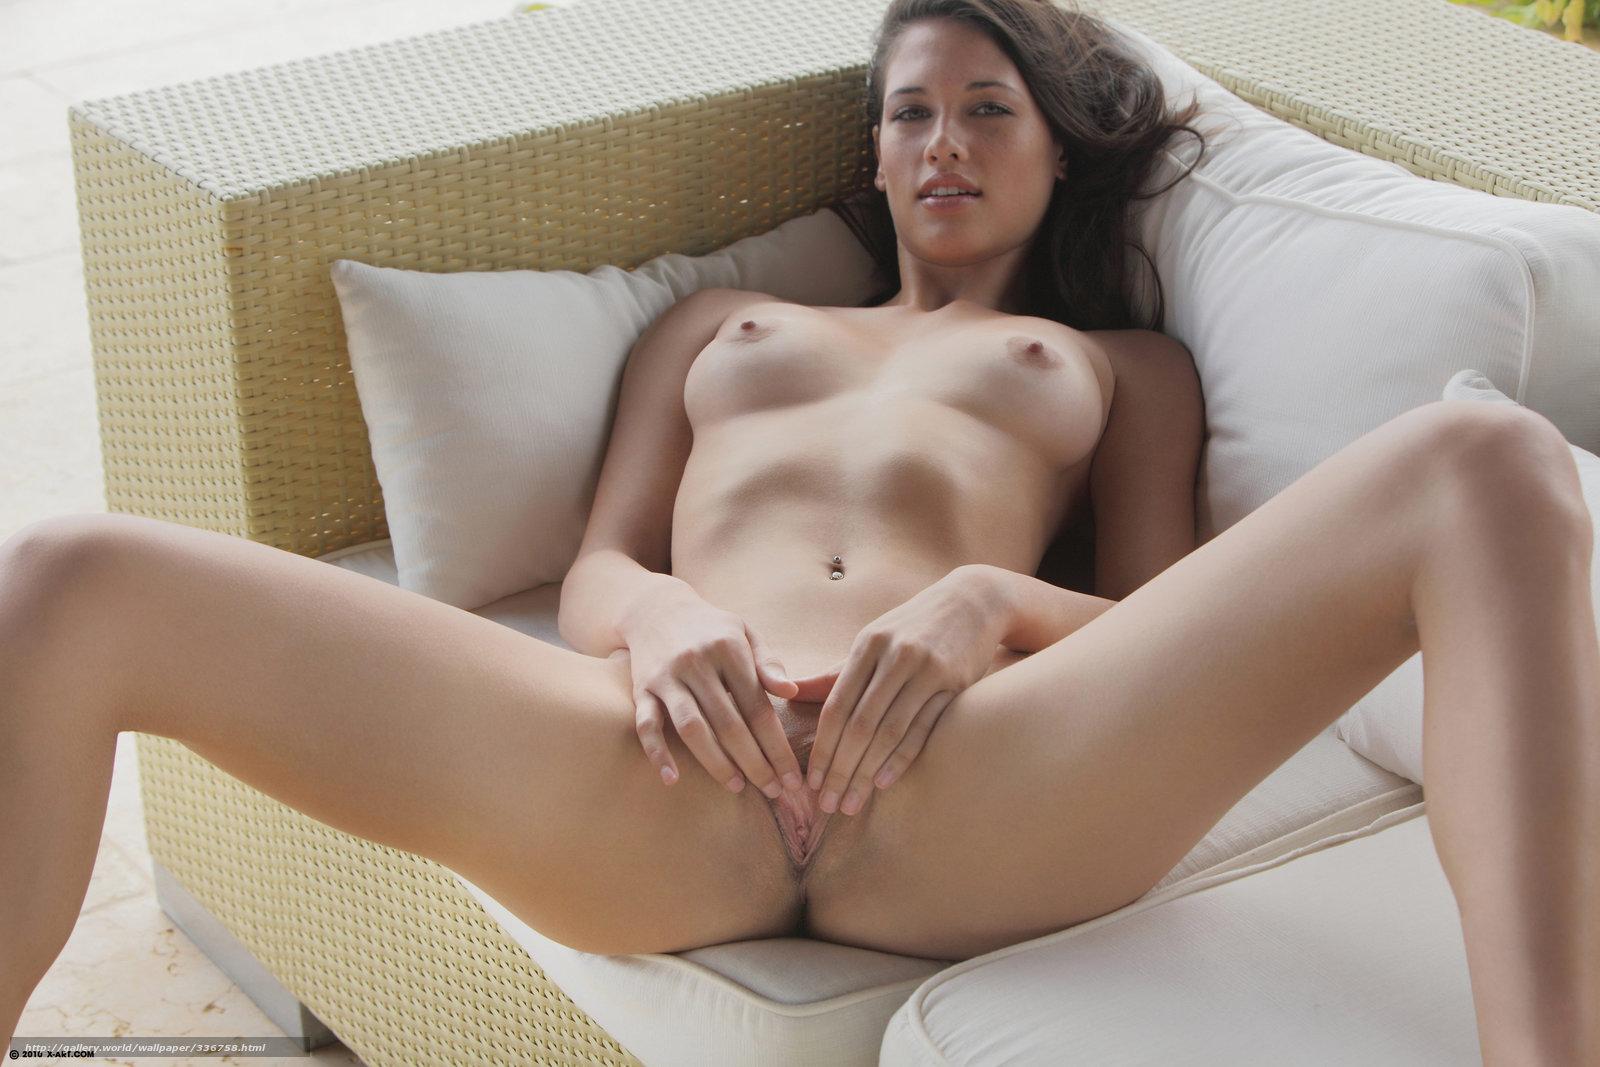 massazh-prostati-tehnika-eroticheskogo-massazha